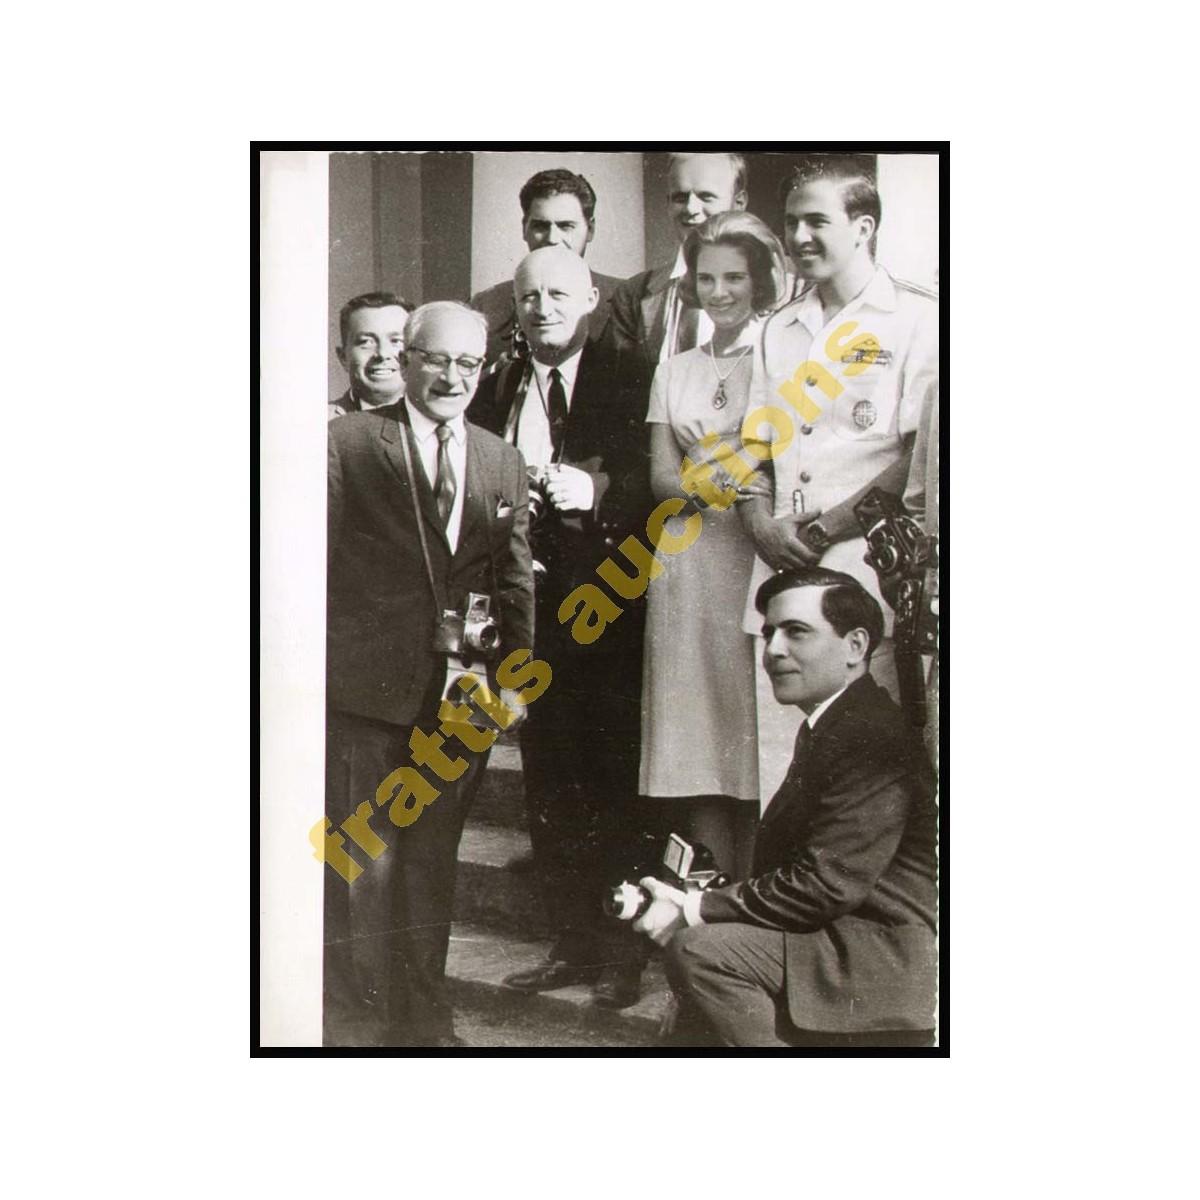 Φωτογραφία του Βασιλικού ζεύγους της Ελλάδας ανάμεσα σε φωτορεπόρτερς.